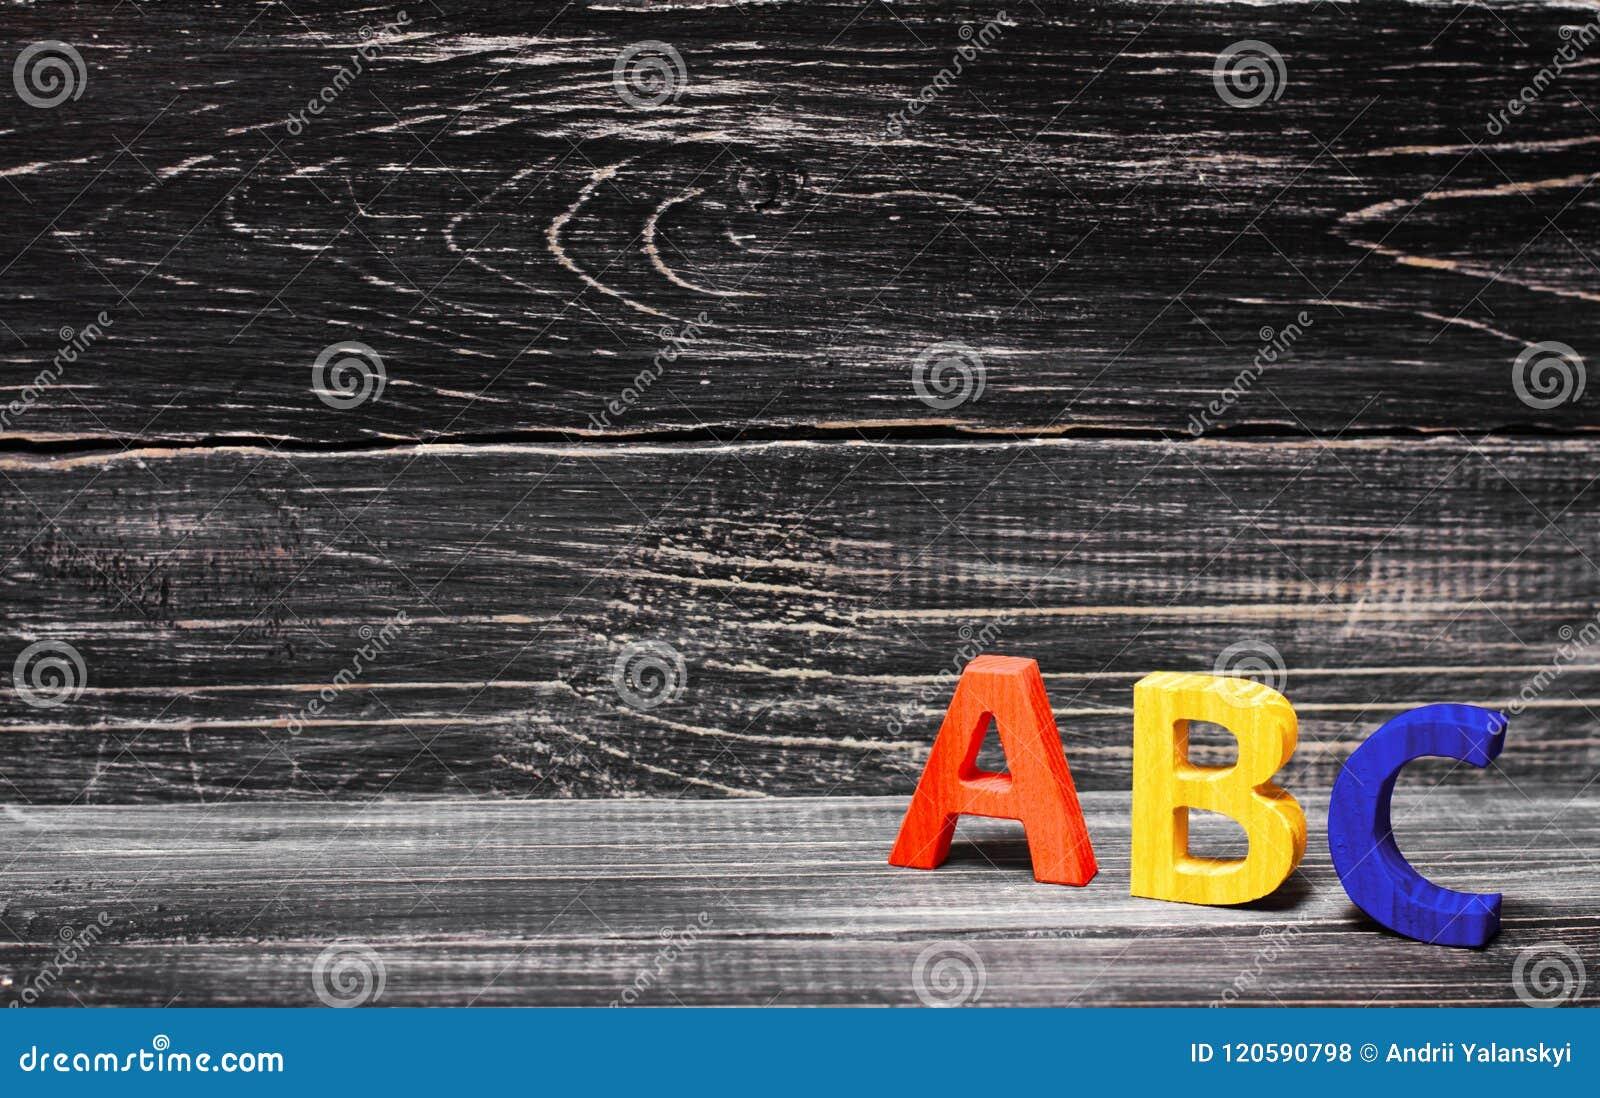 Abecadło robić drewno na tle deska, heban